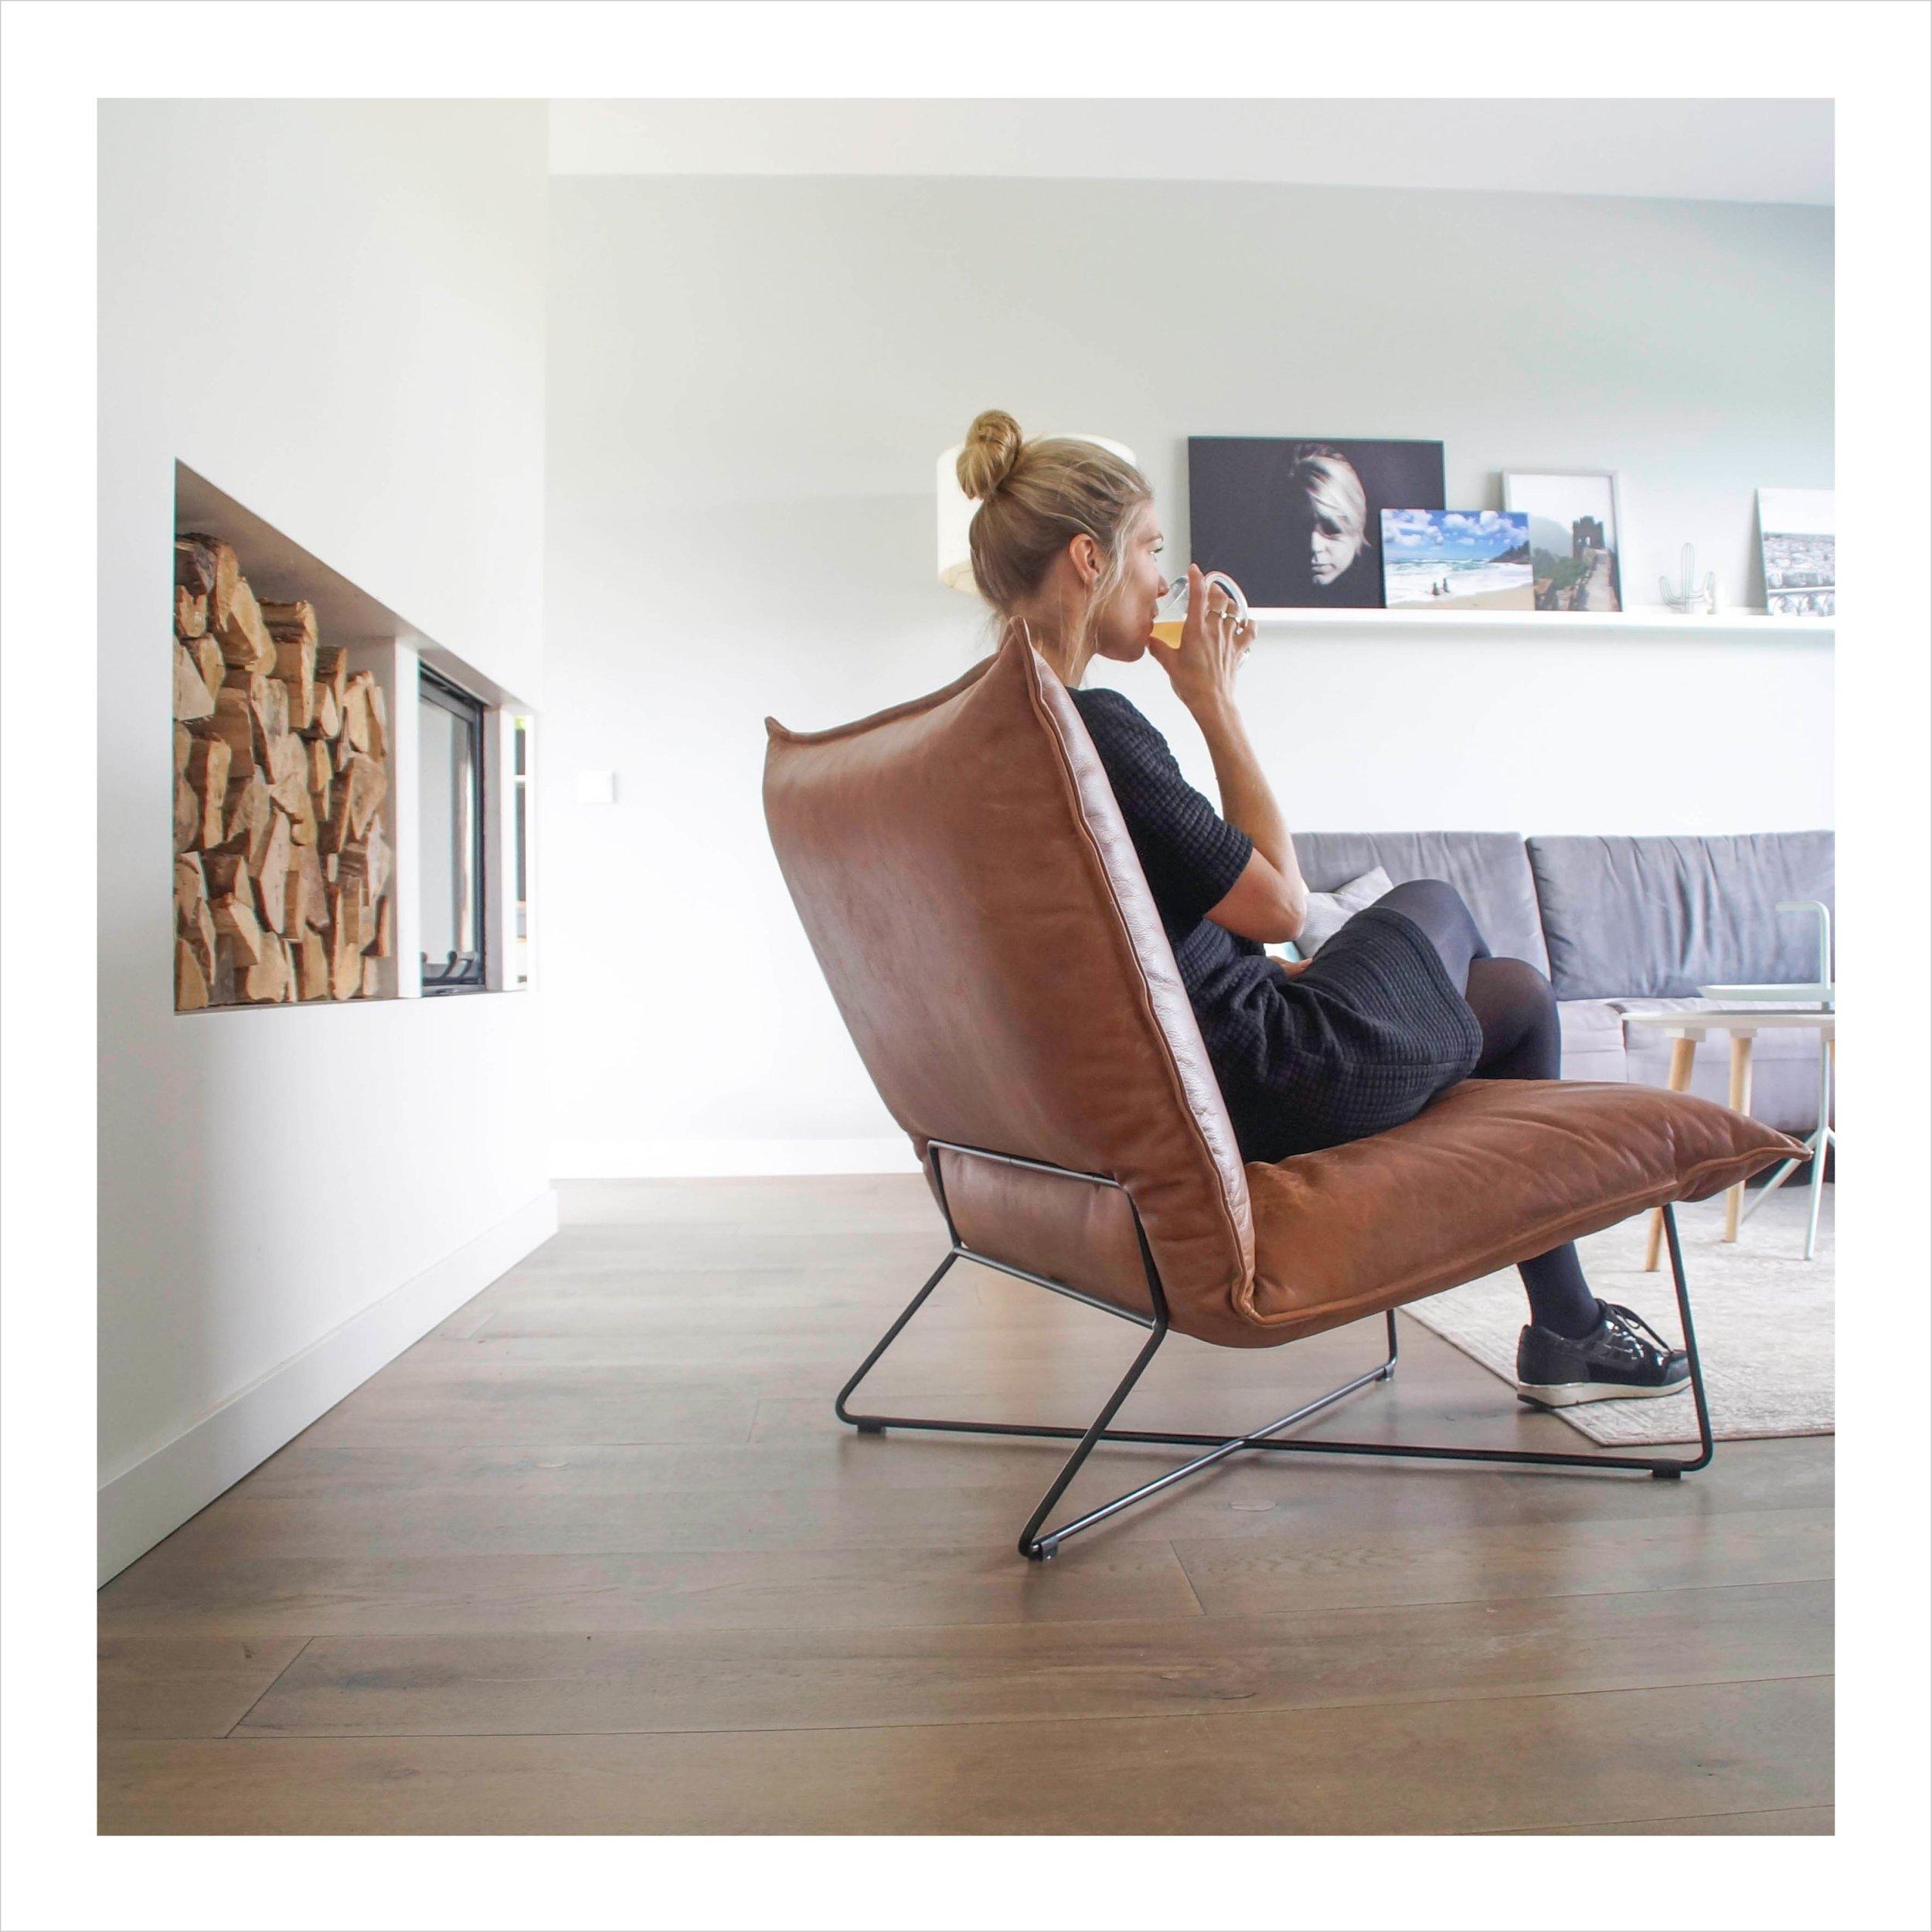 HUISMERCK-Interieurontwerp-tn-project-sfeervol-scandinavisch-borne_foto-01.jpg